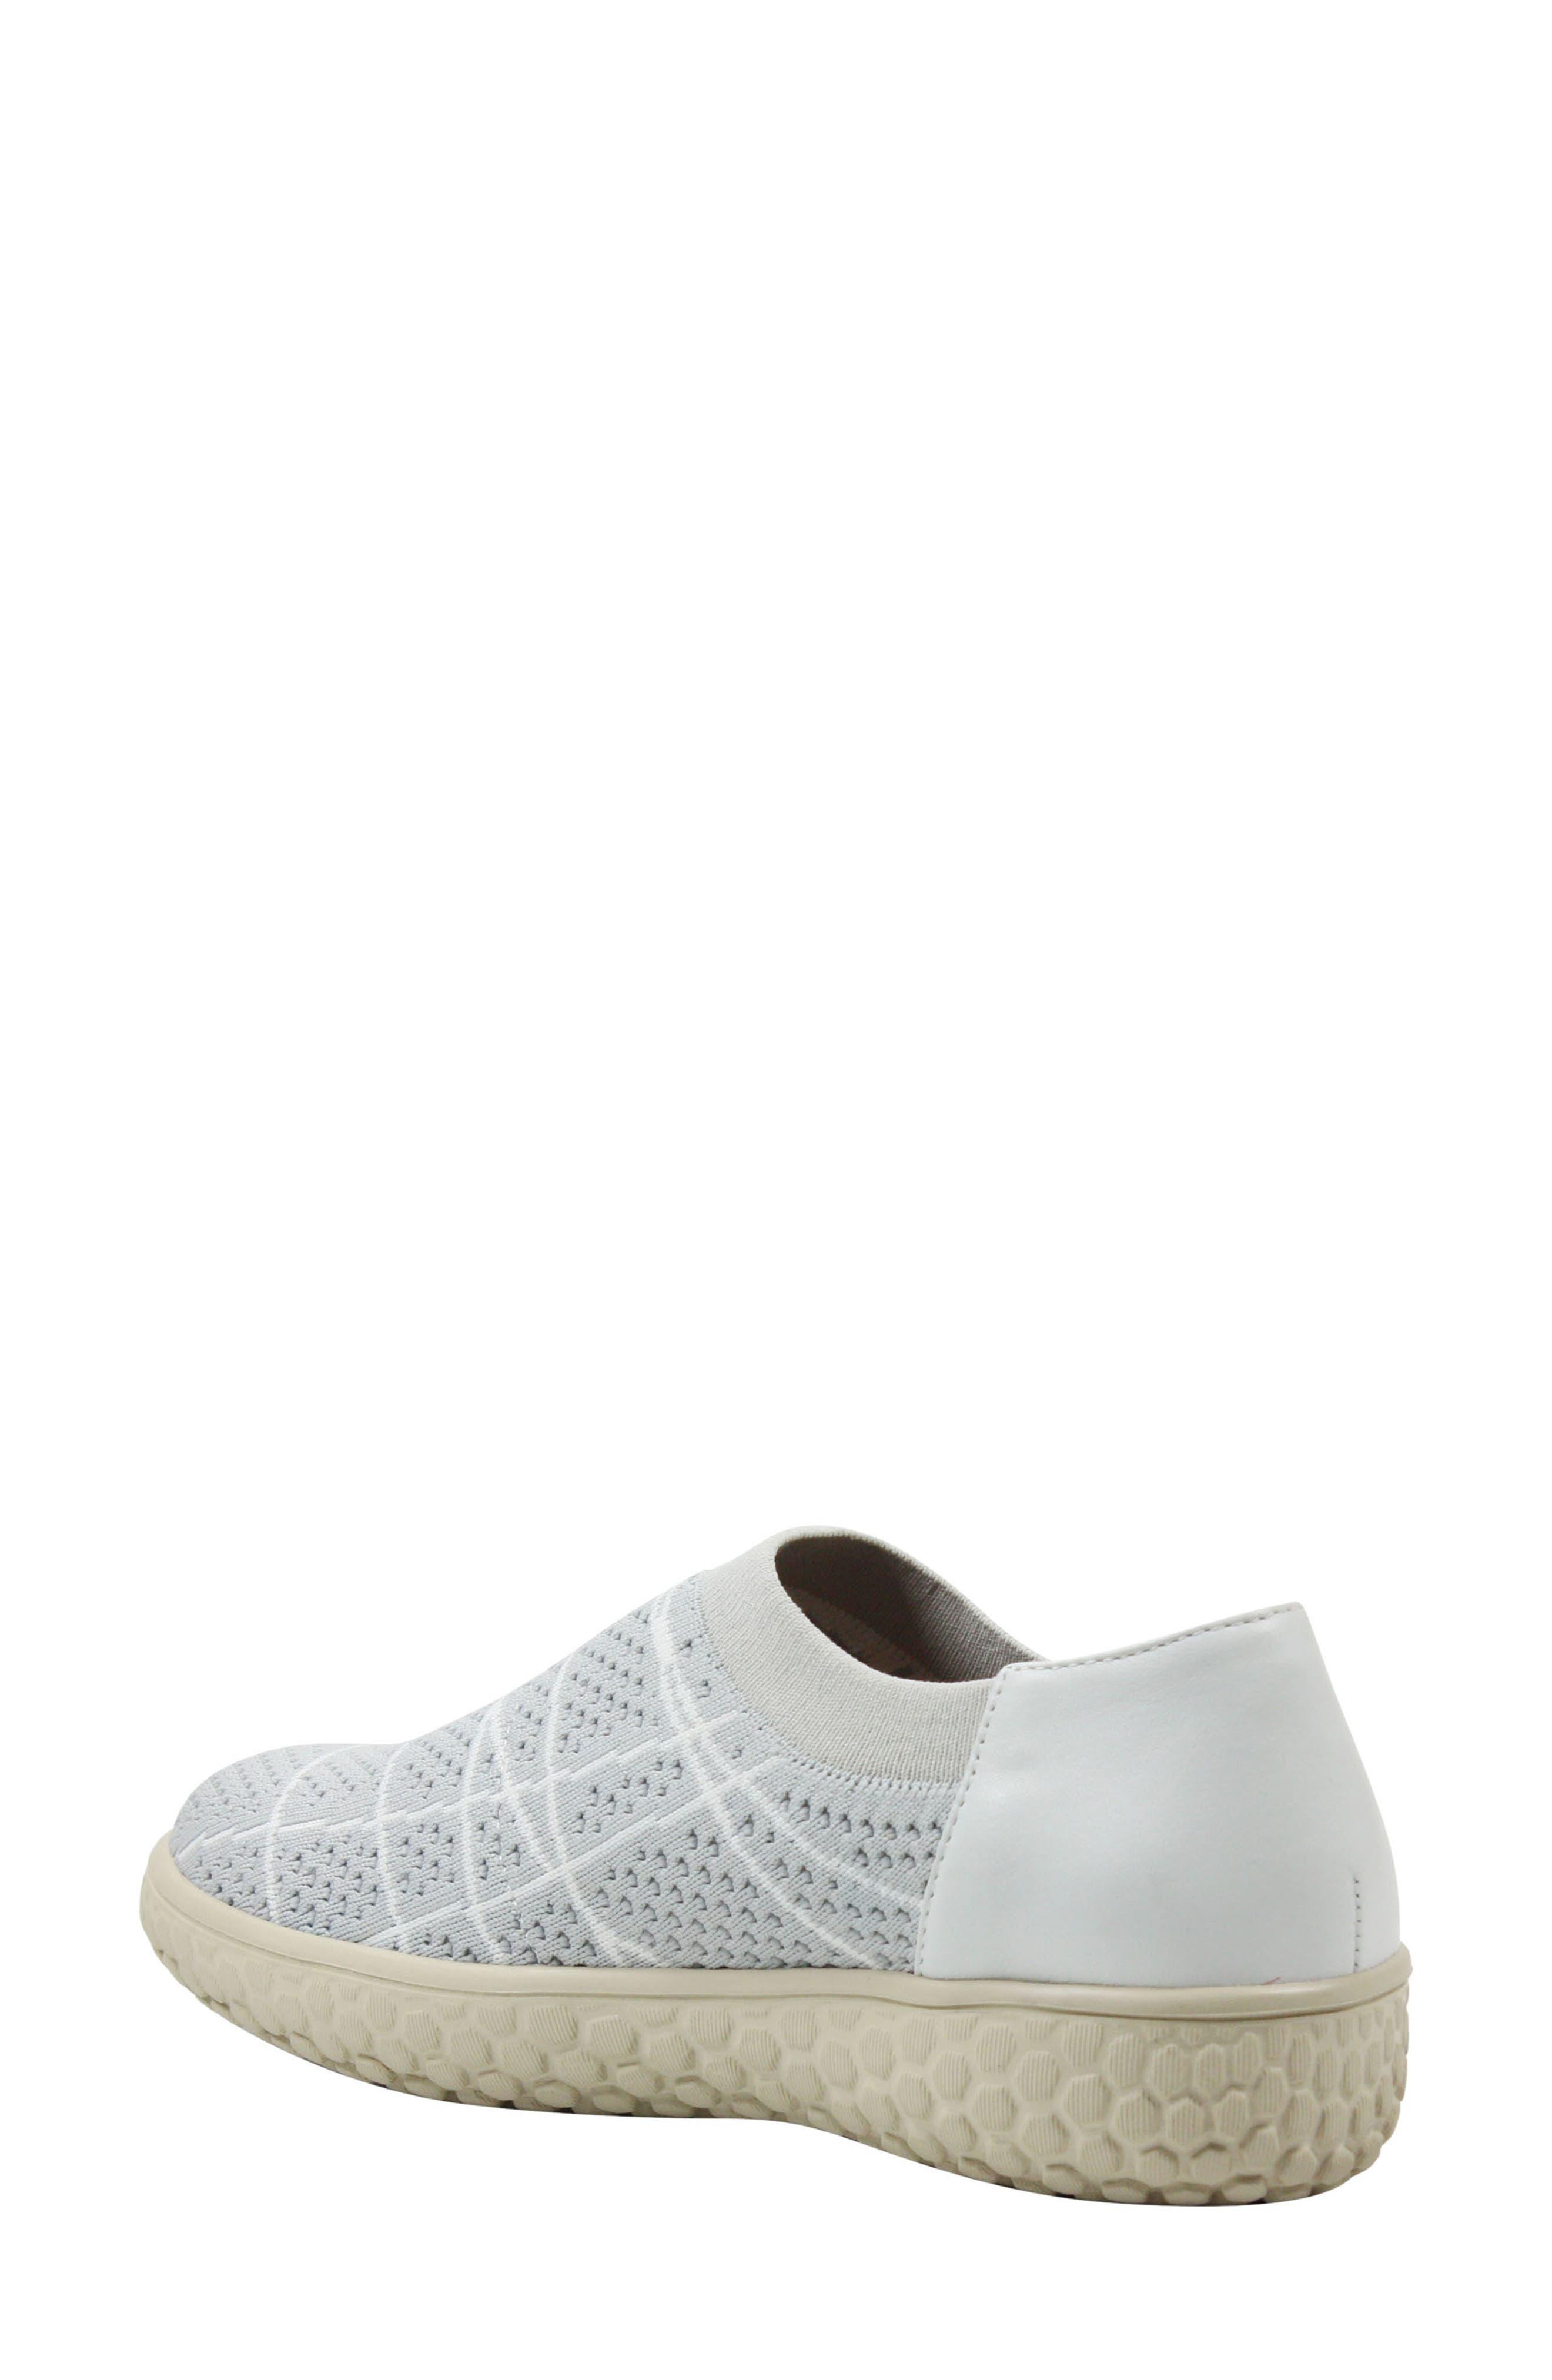 Zohndra Slip-On Sneaker,                             Alternate thumbnail 2, color,                             Beige Fabric